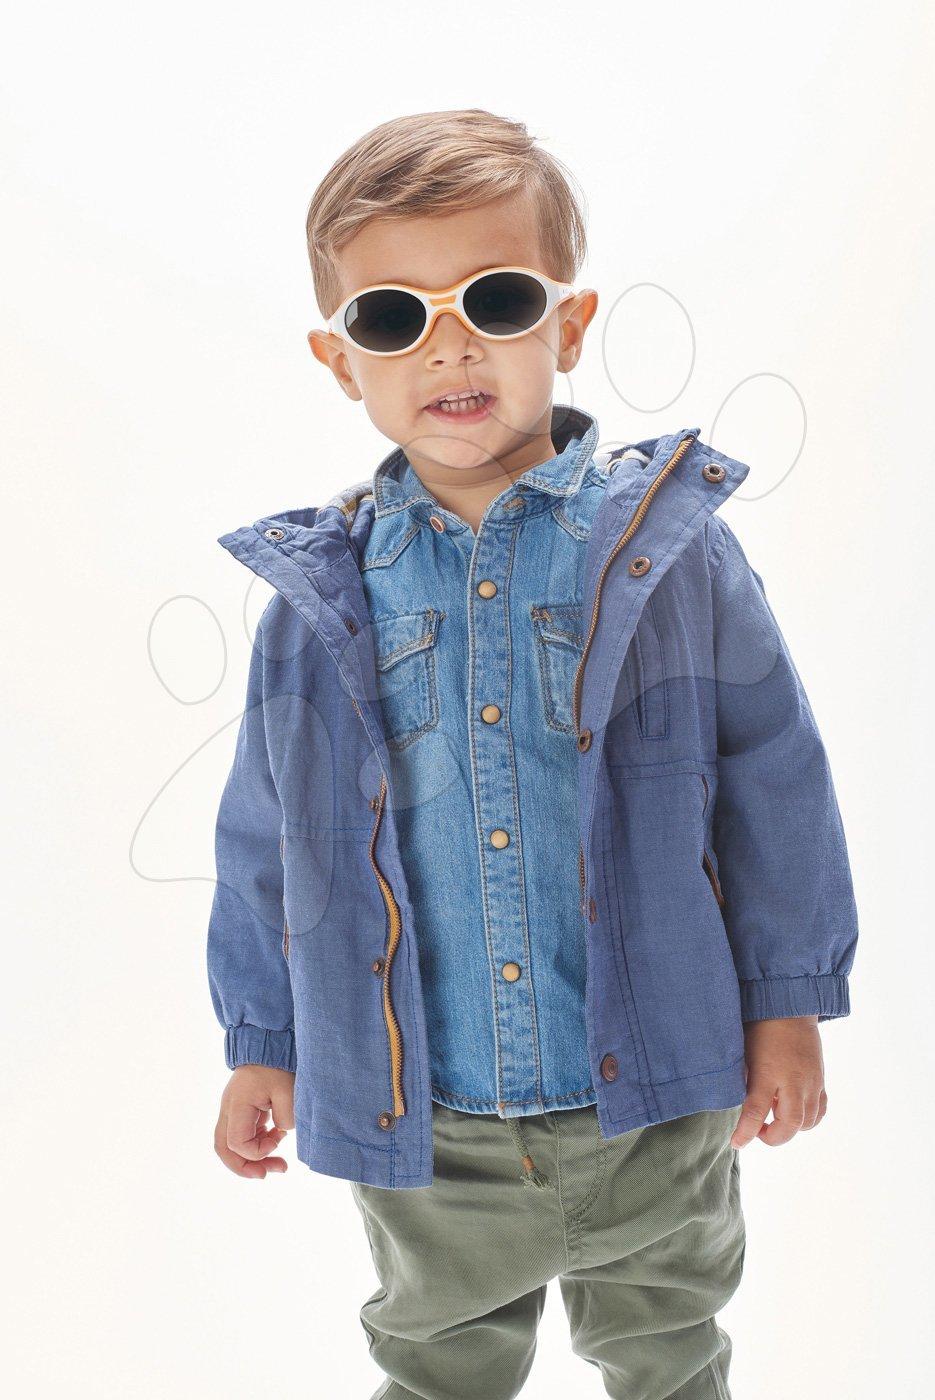 Výpredaj Slnečné okuliare Beaba Kids M UV filter 3 oranžové. 930261 c beaba  sunglasses. Pre absolútny zážitok prosím použite prehliadač s javascriptom ab2515cd32